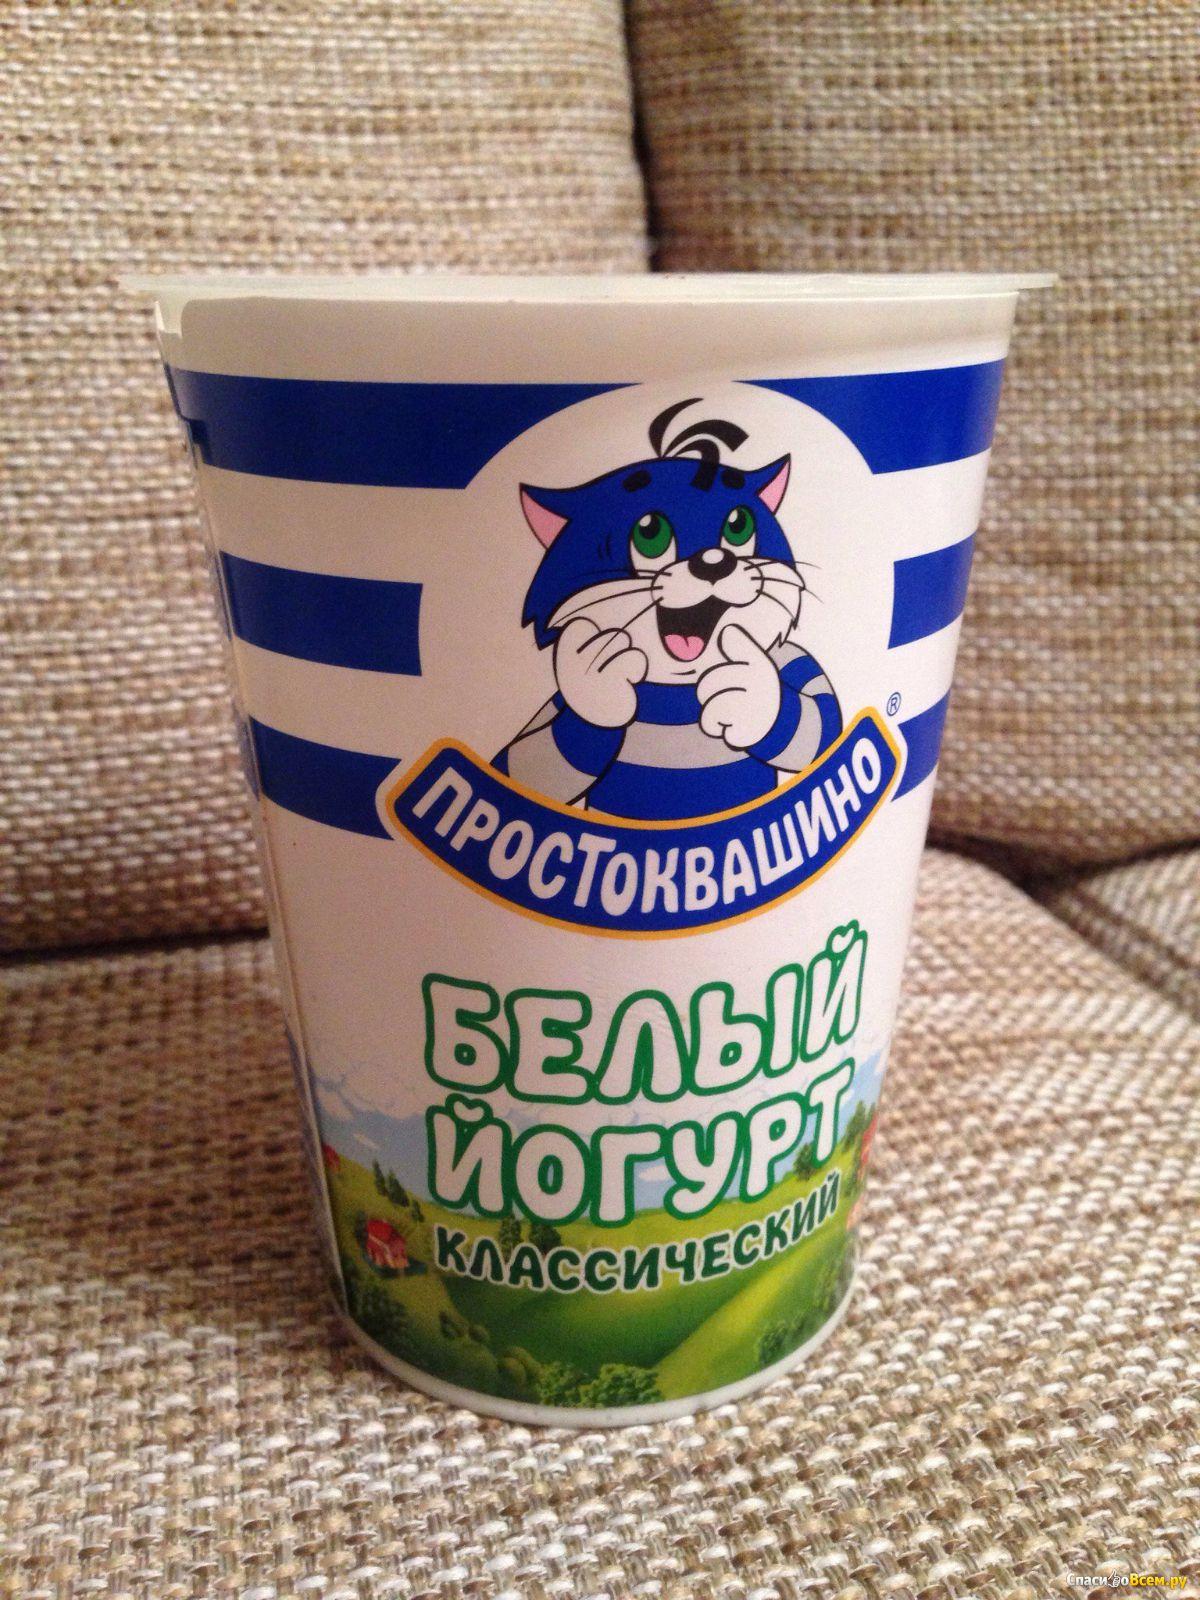 Готовим домашний йогурт  vkuskakdomaru